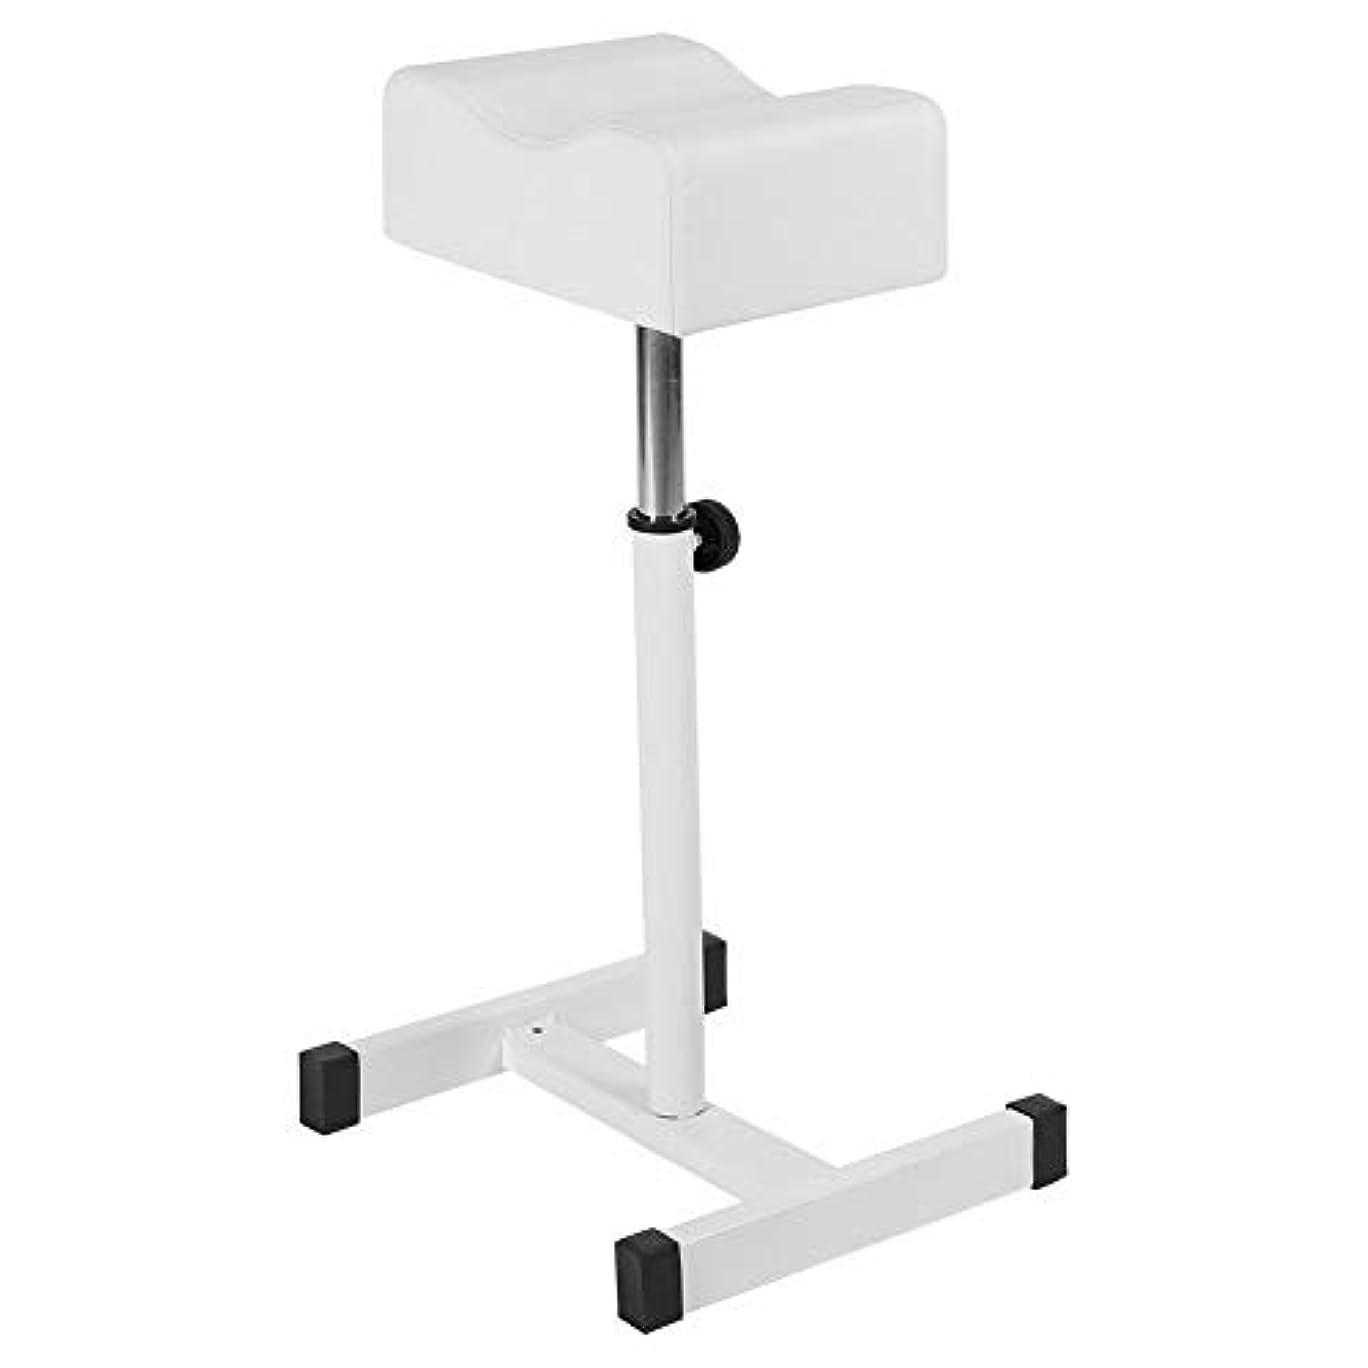 サロンスツール白、高さ調節可能な化粧品椅子スパスツールスパスイベルホームショップの快適なシートクッションスツールホワイト